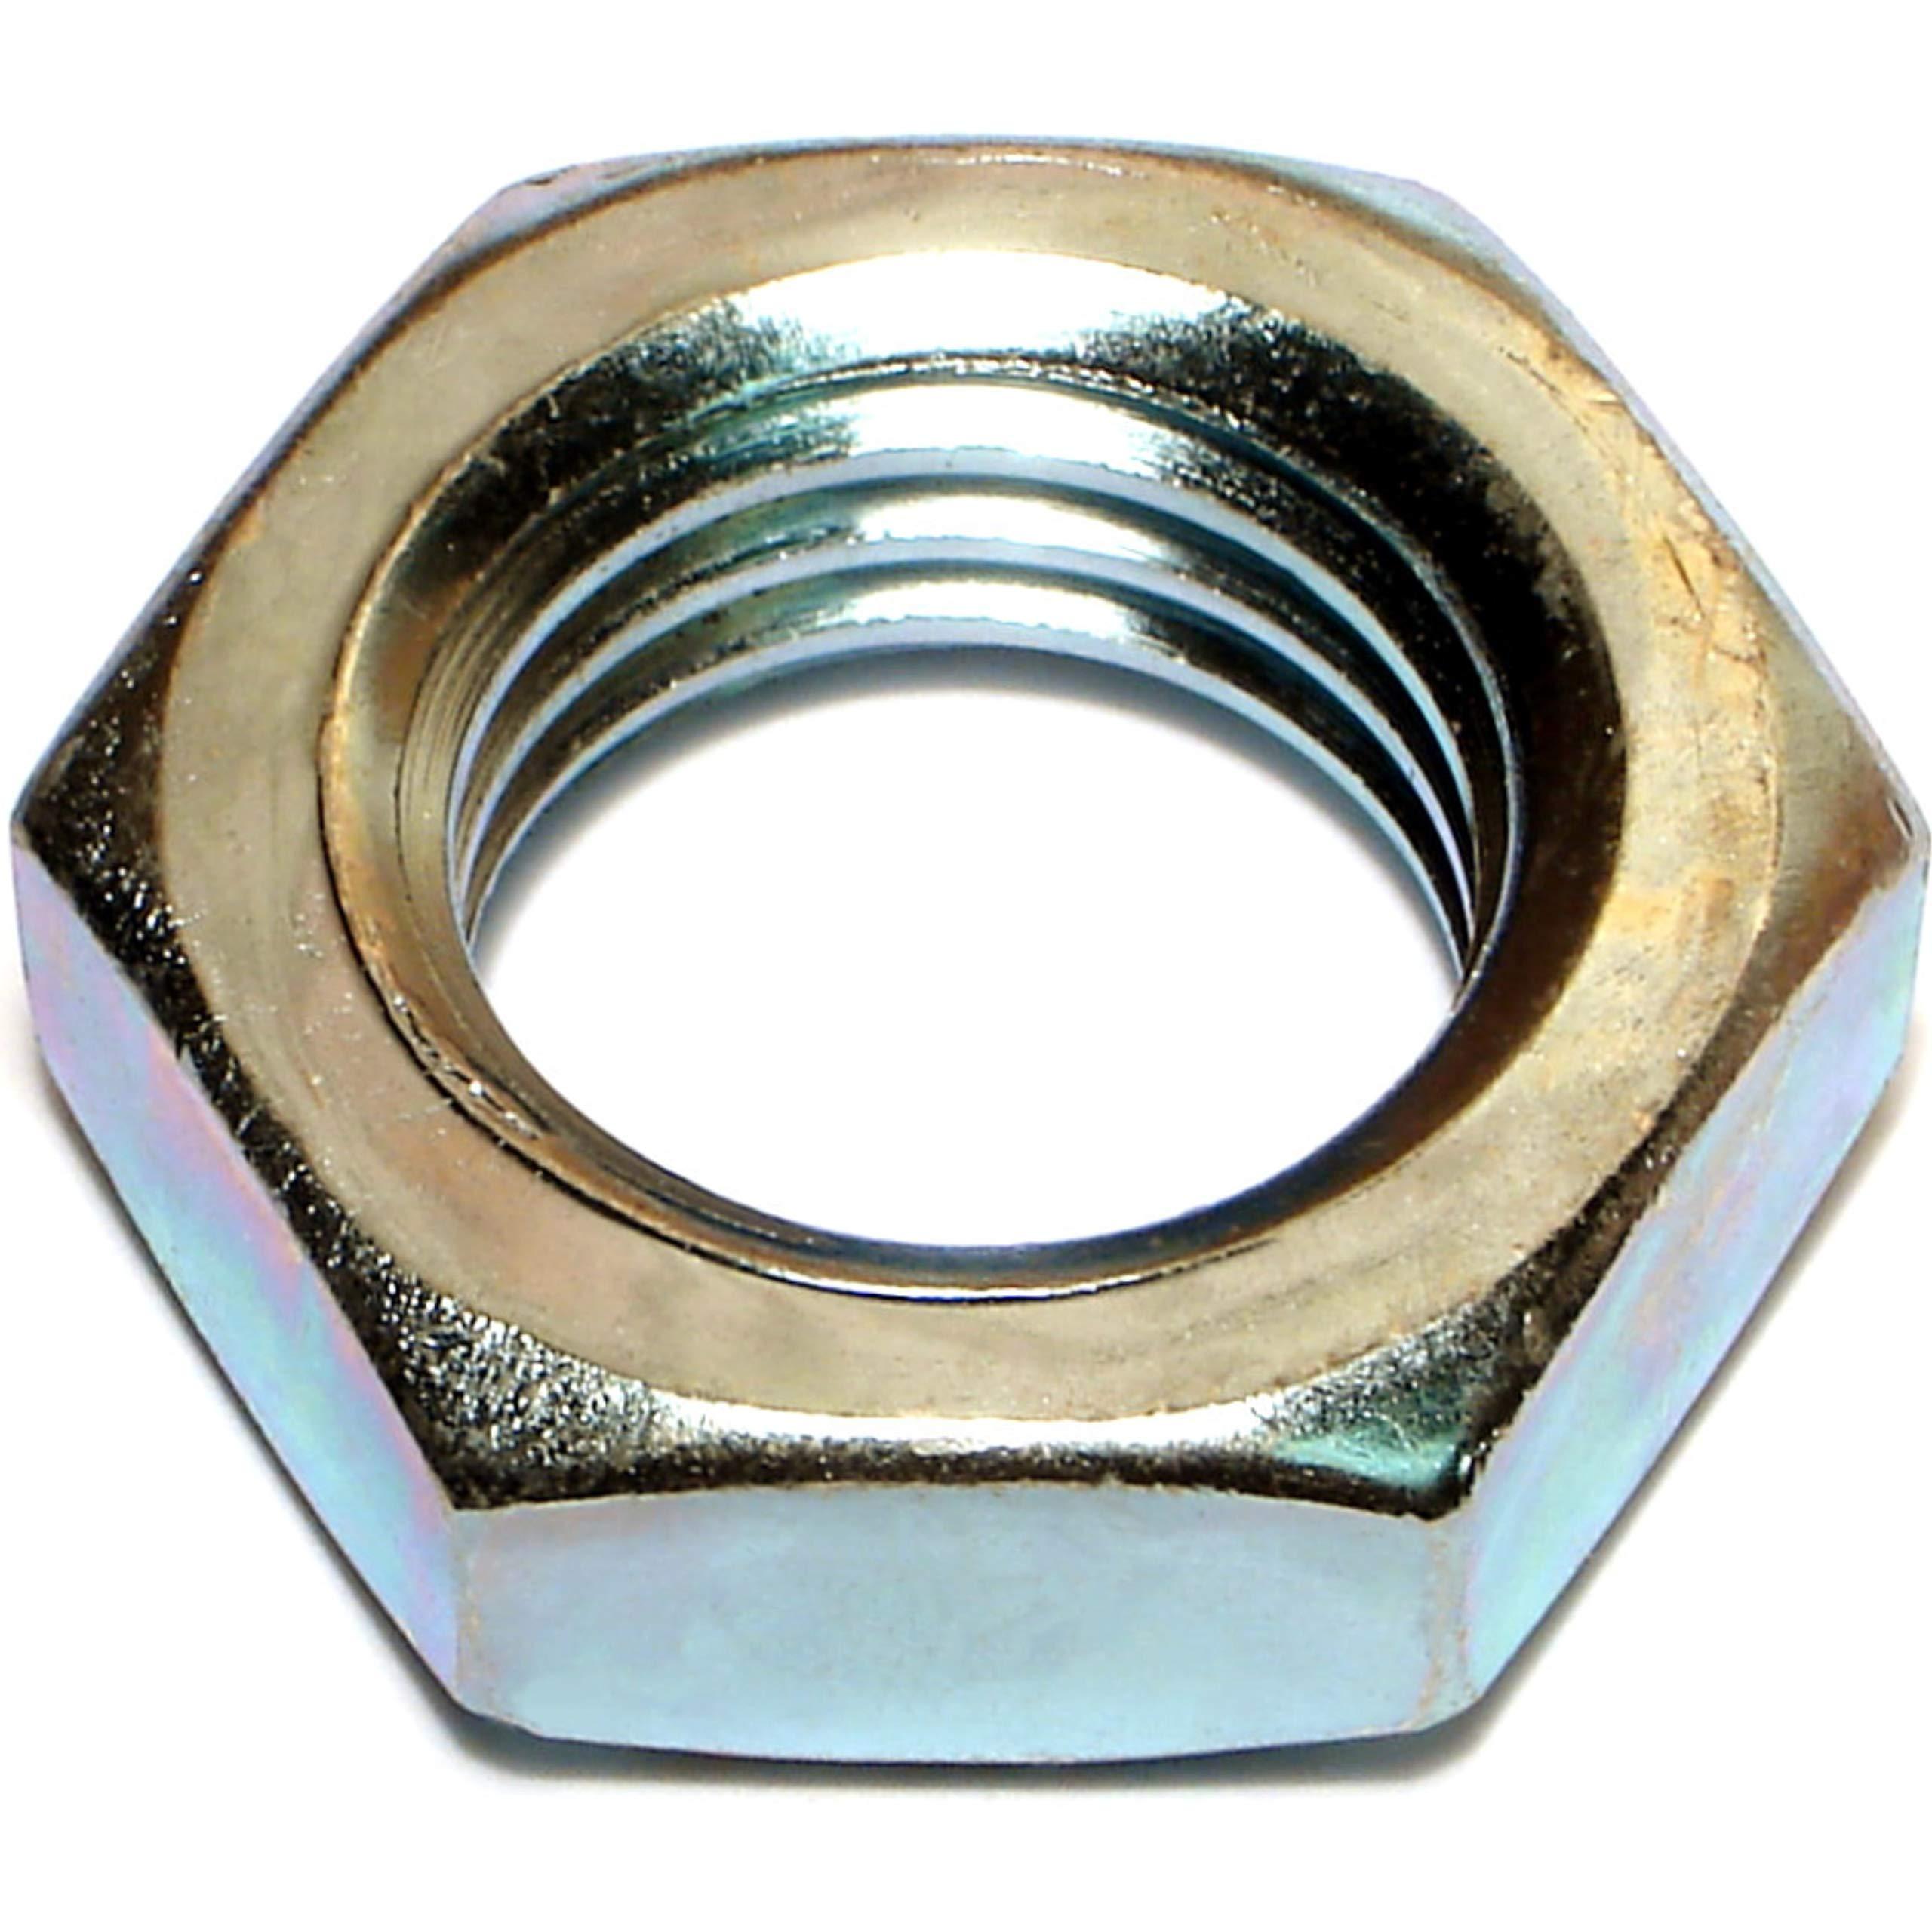 Hard-to-Find Fastener 014973382896 Coarse Hex Jam Nuts, 1-8, Piece-10